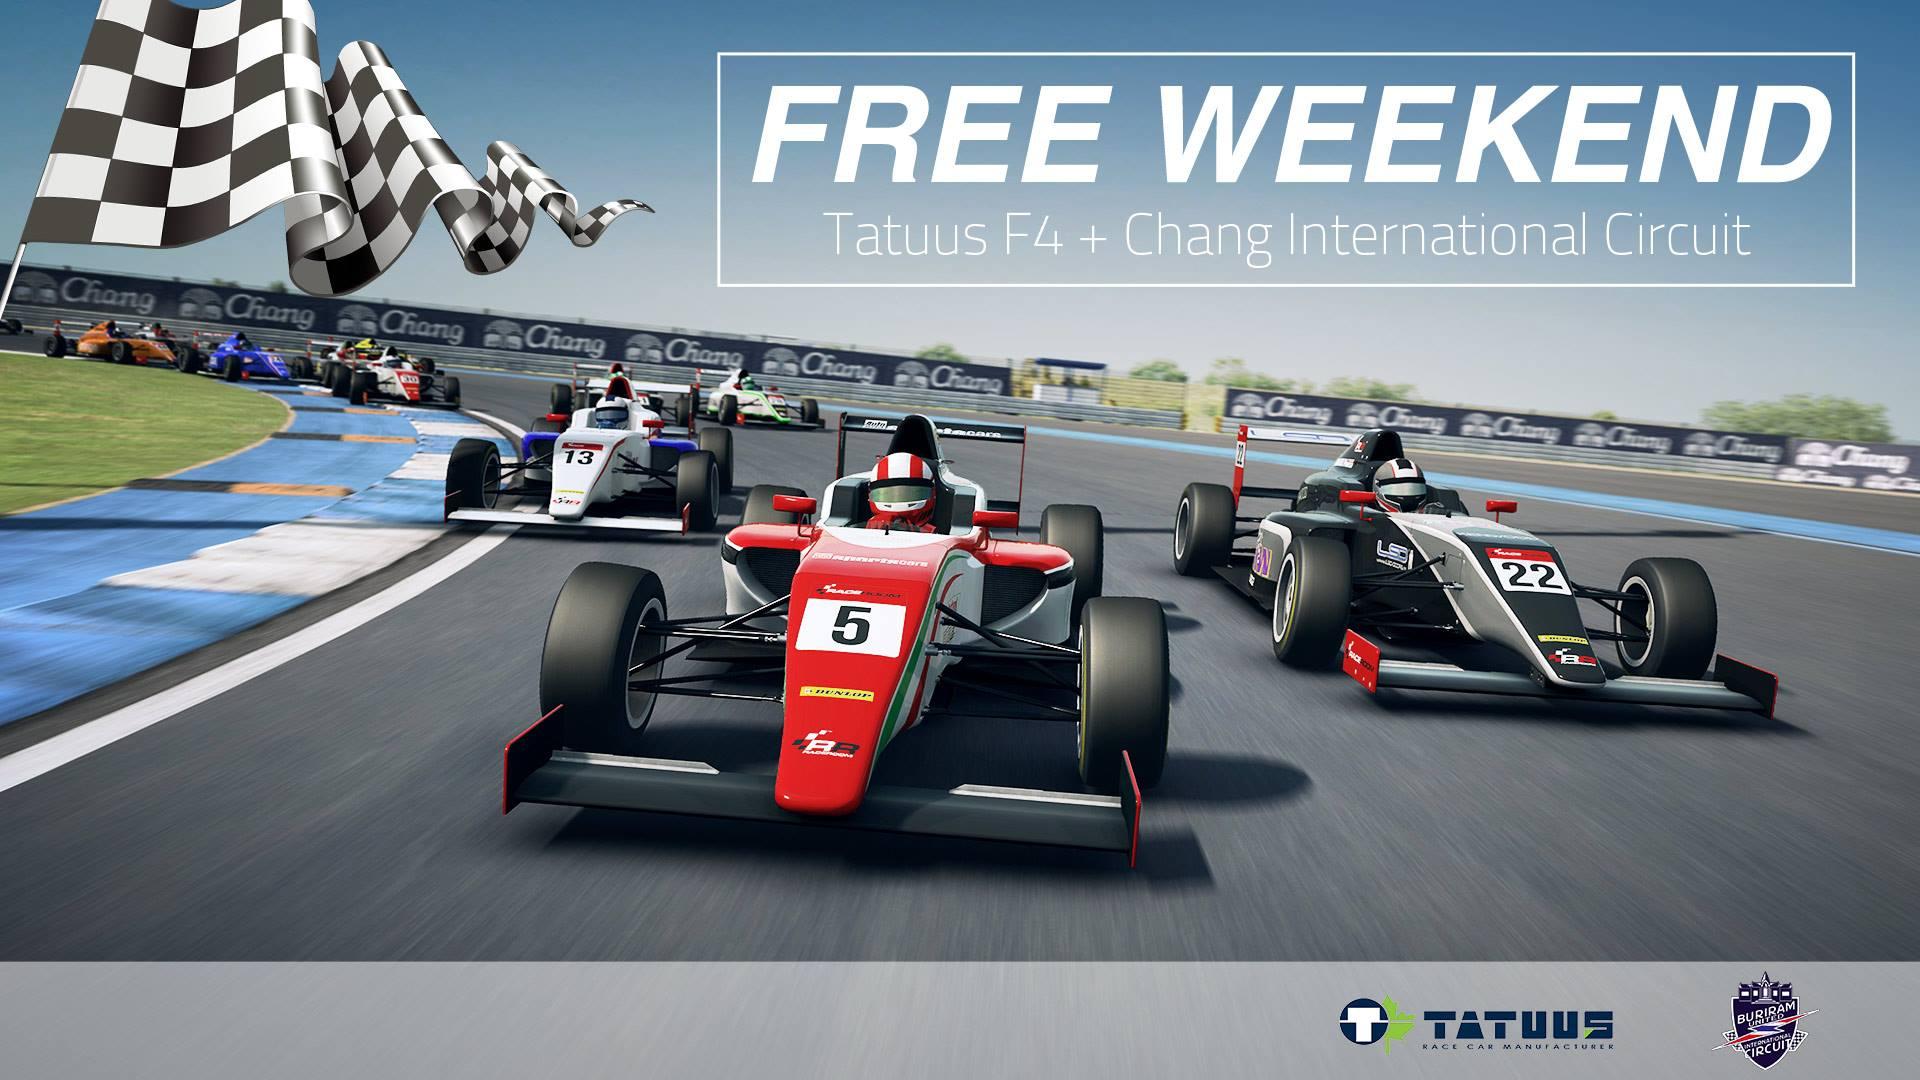 RaceRoom Free Weekend 18.3.jpg